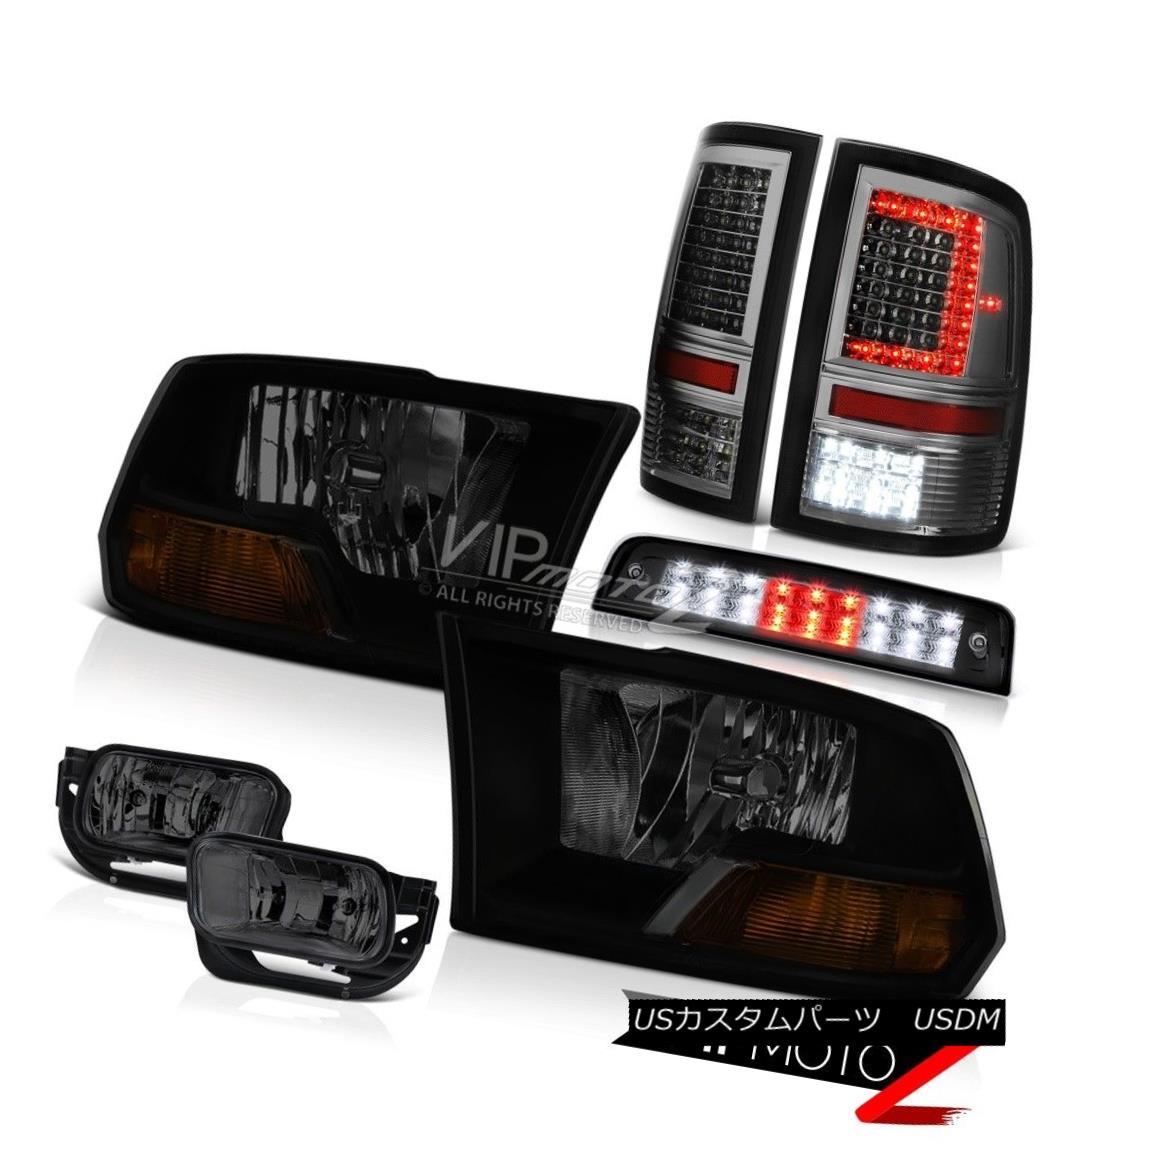 ヘッドライト 09-17 Dodge RAM 2500 Brake Light Tail Lamps Fog Factory Style Headlamp Assembly 09-17ダッジRAM 2500ブレーキライトテールランプ霧工場スタイルヘッドランプアセンブリ